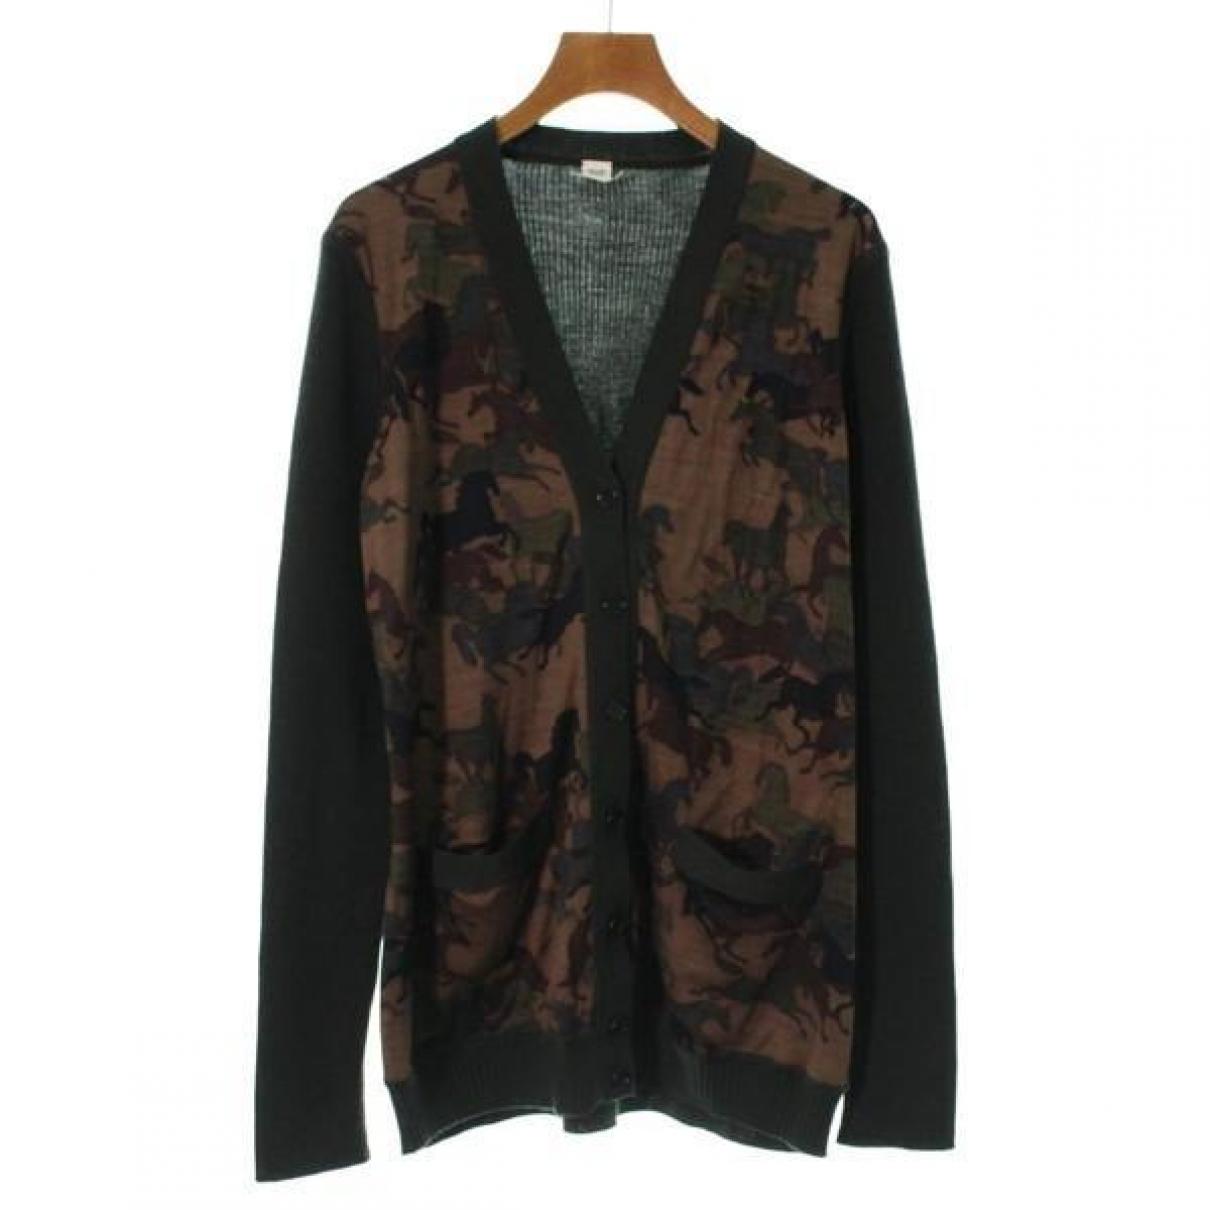 Hermes - Pull   pour femme en laine - multicolore